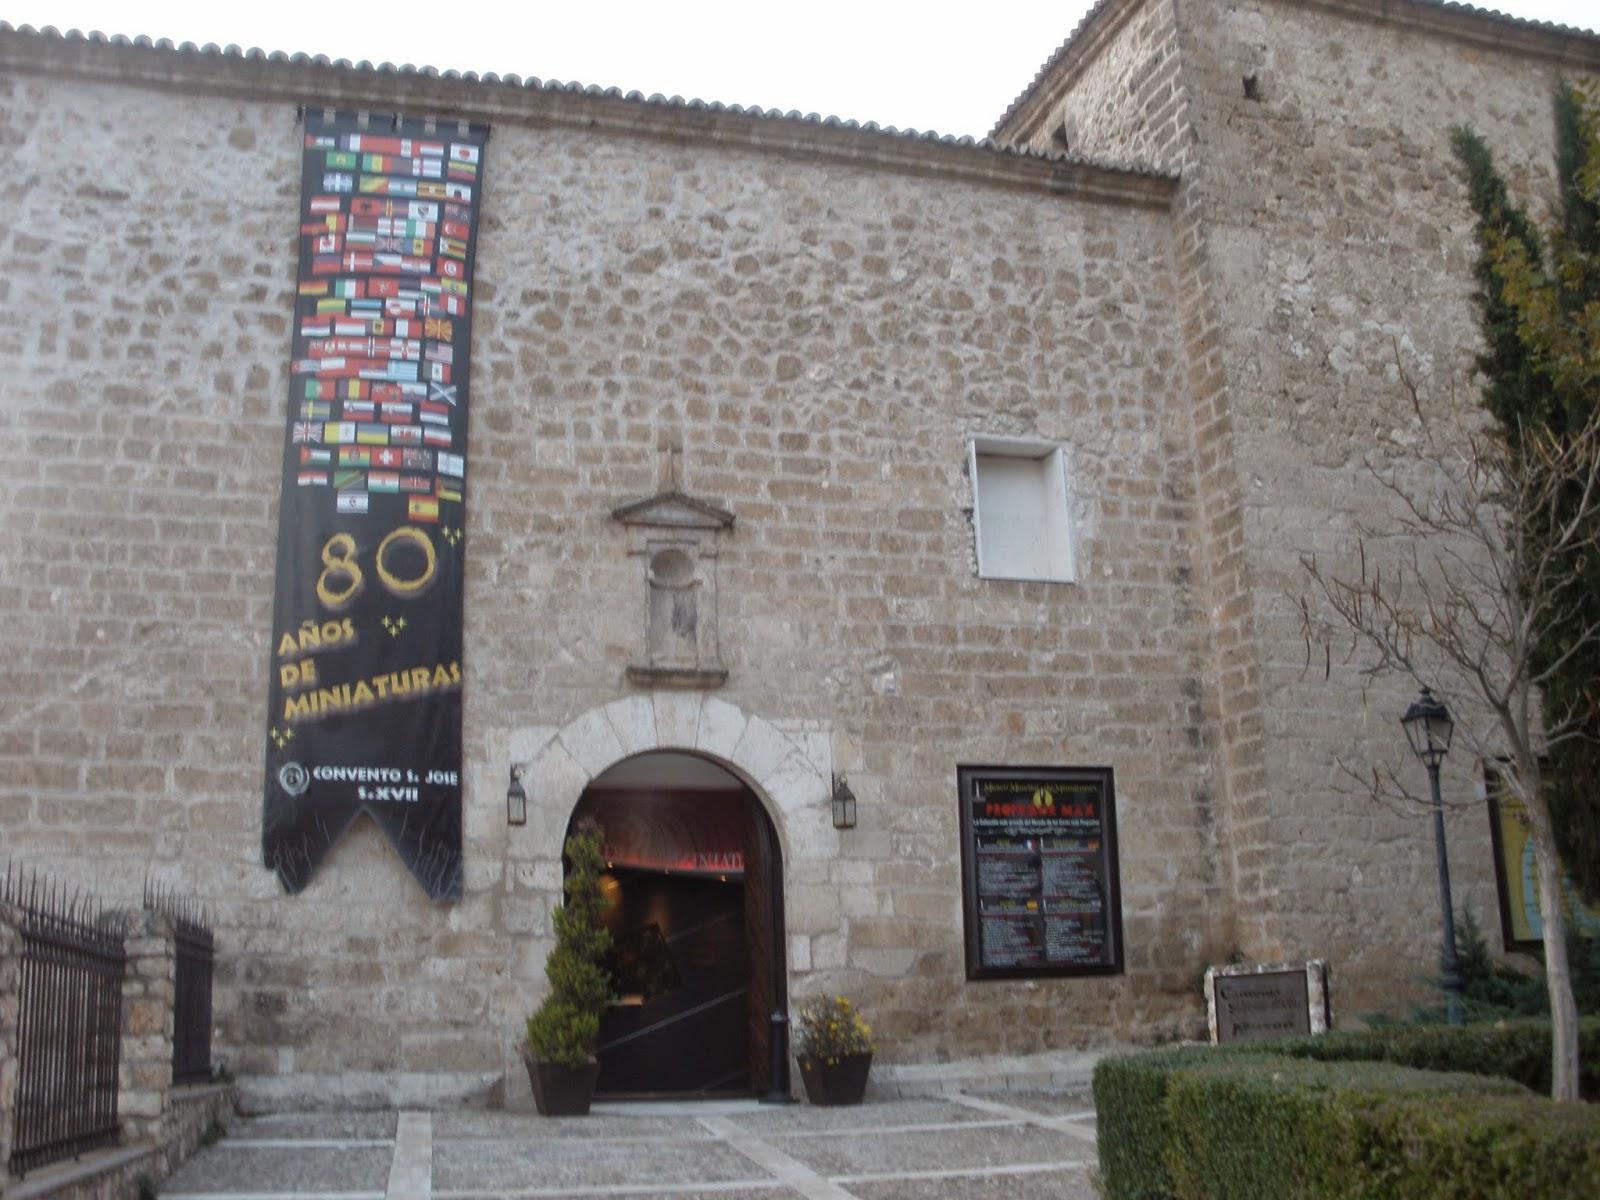 El Convento de San José, actualmente convertido en el Museo de Miniaturas del Profesor Max.